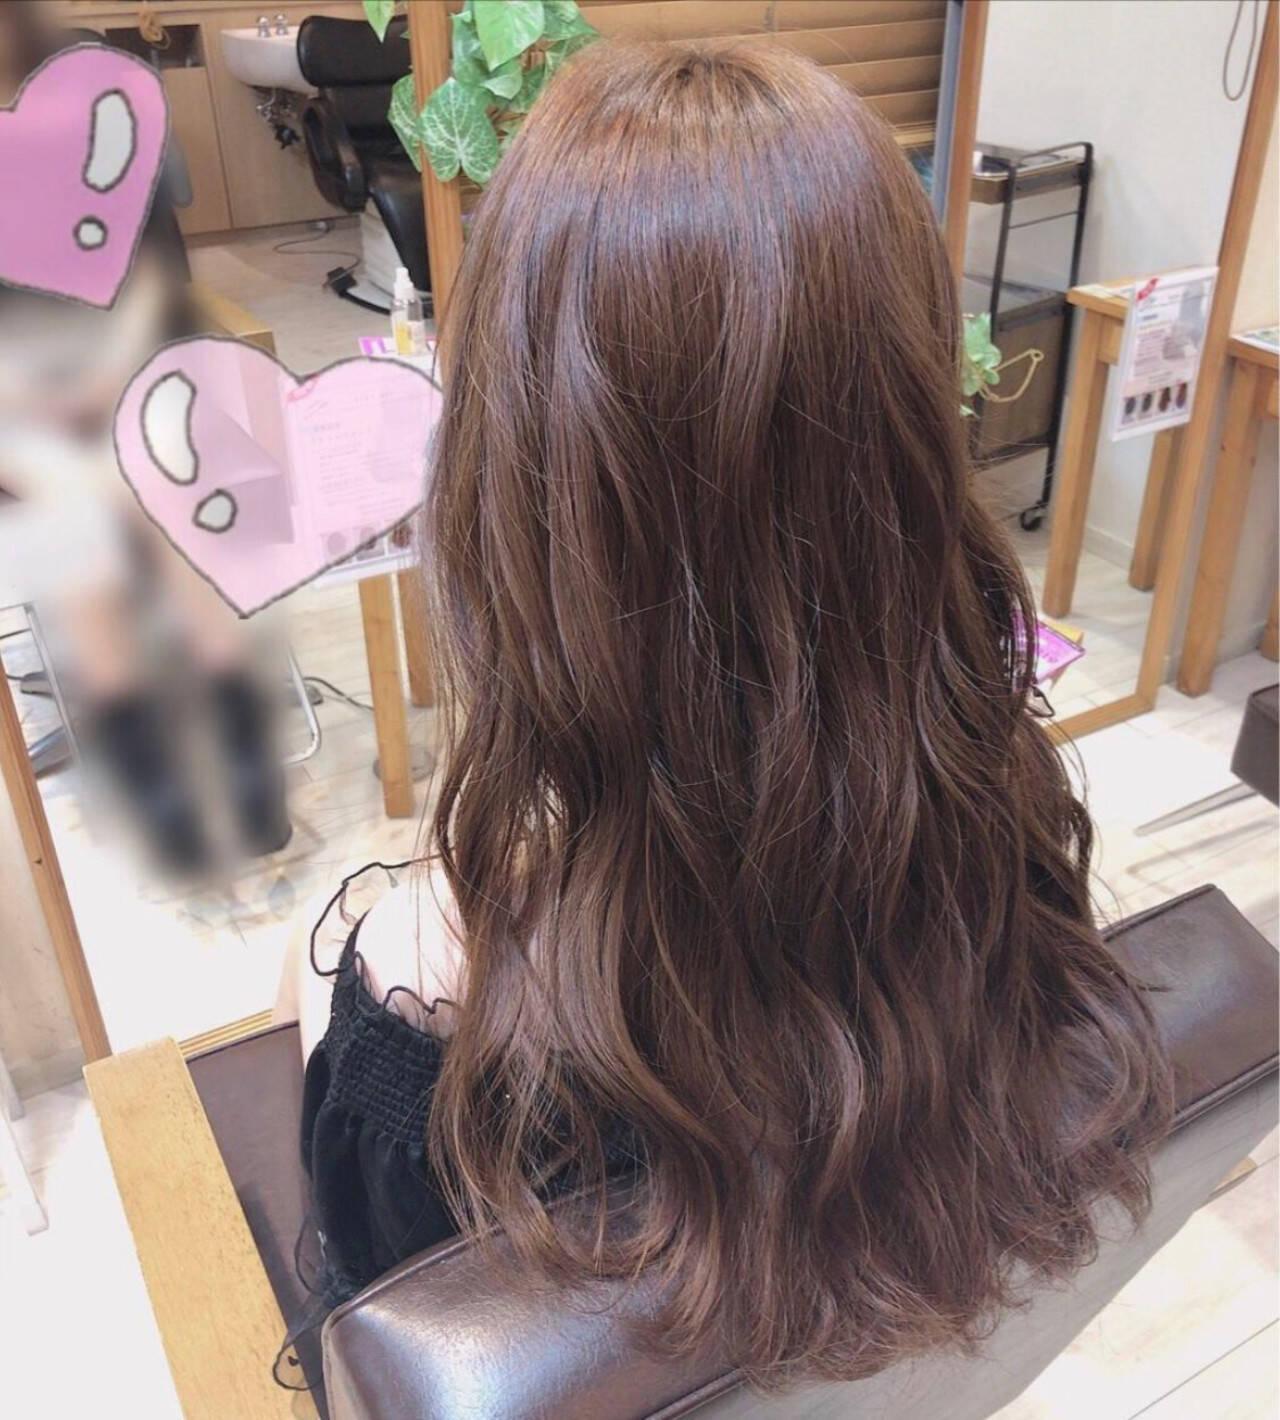 ツヤツヤ 可愛い プラチナムカラー ロングヘアスタイルや髪型の写真・画像